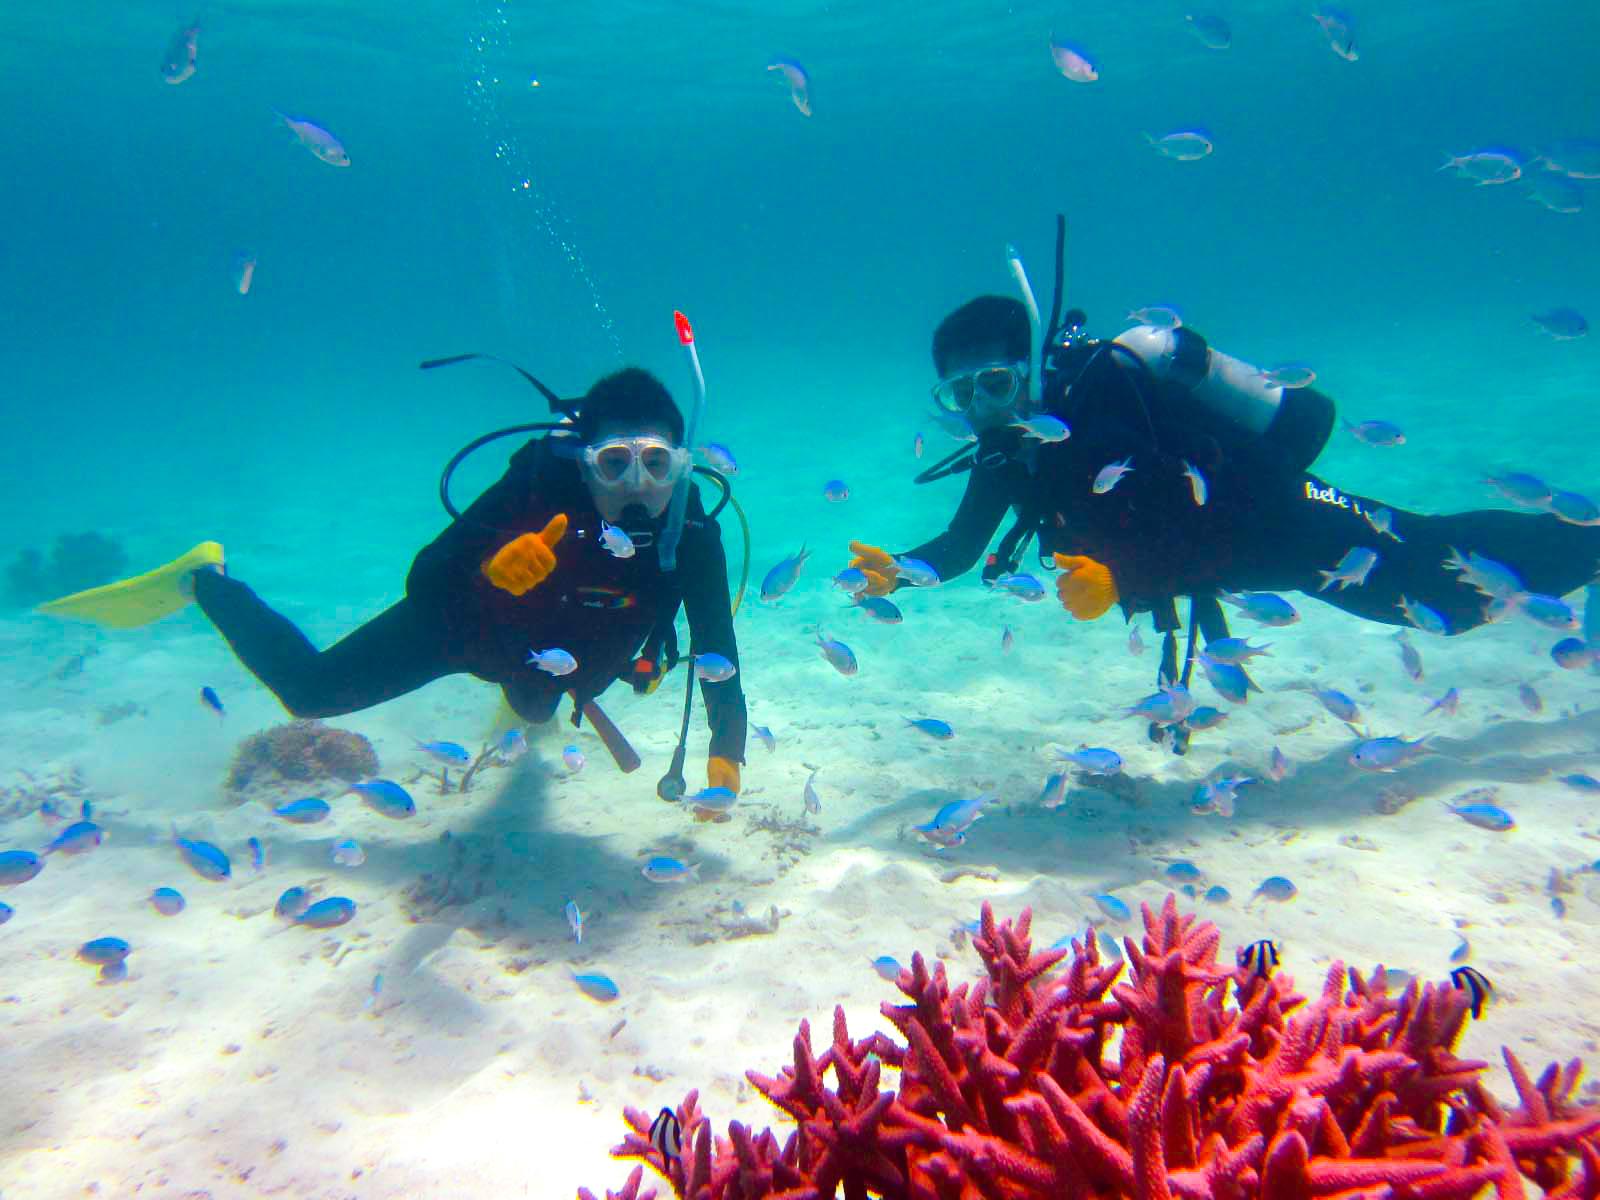 ダイビングを楽しむ男性観光客